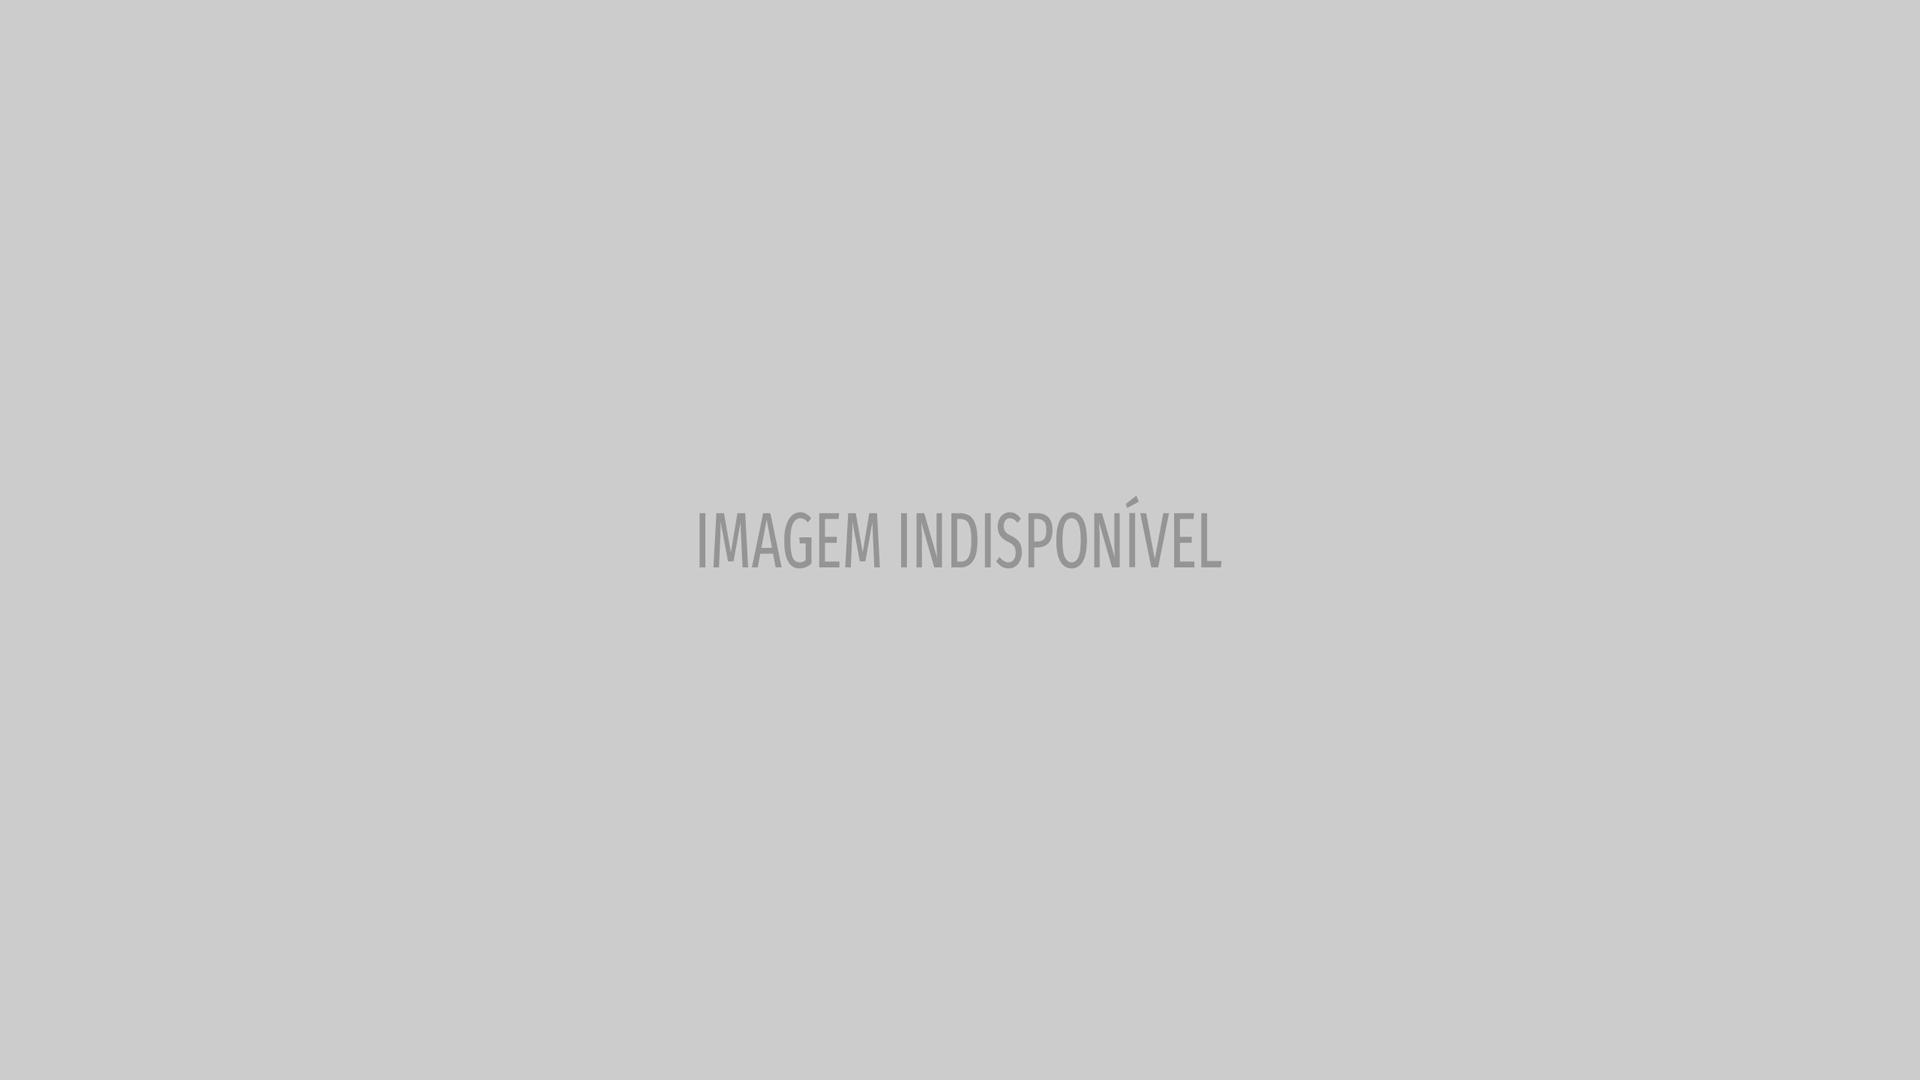 Casamento de cantora brasileira Anitta chega ao fim